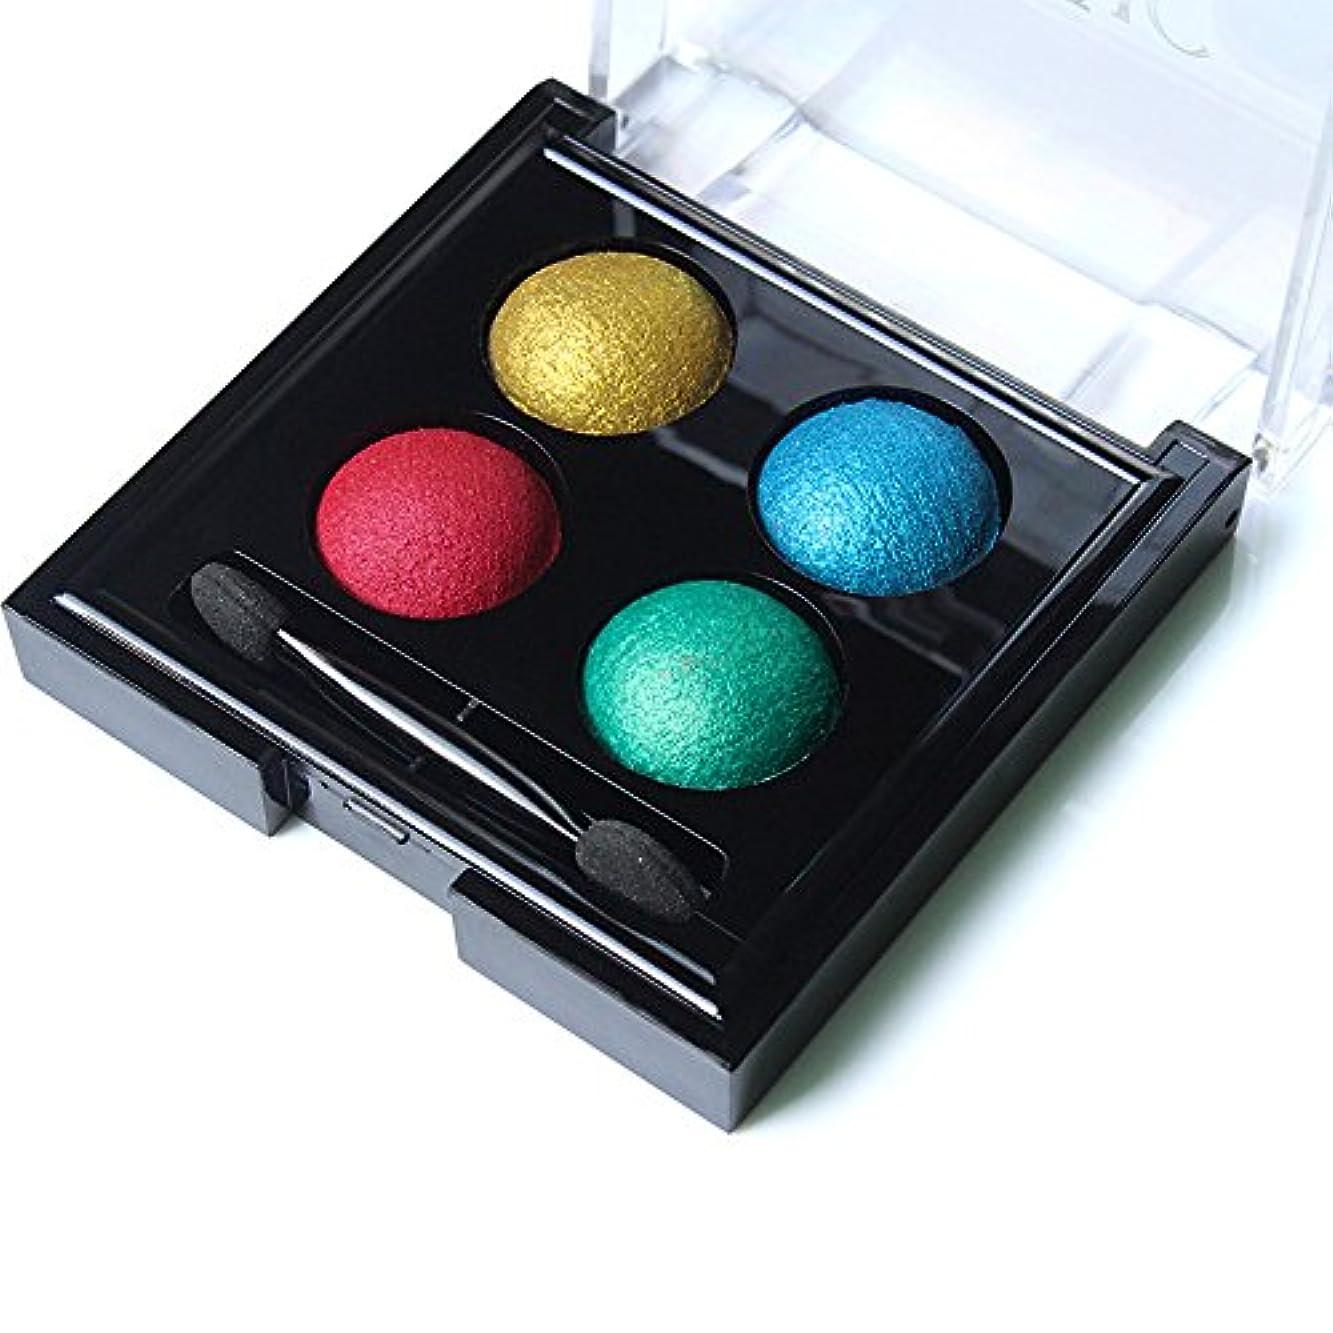 損失磁石ヶ月目アイシャドウパレット YOKINO マットアイシャドー 防水 長持ち 自然 高品質 2選択 MN-001 (02#)